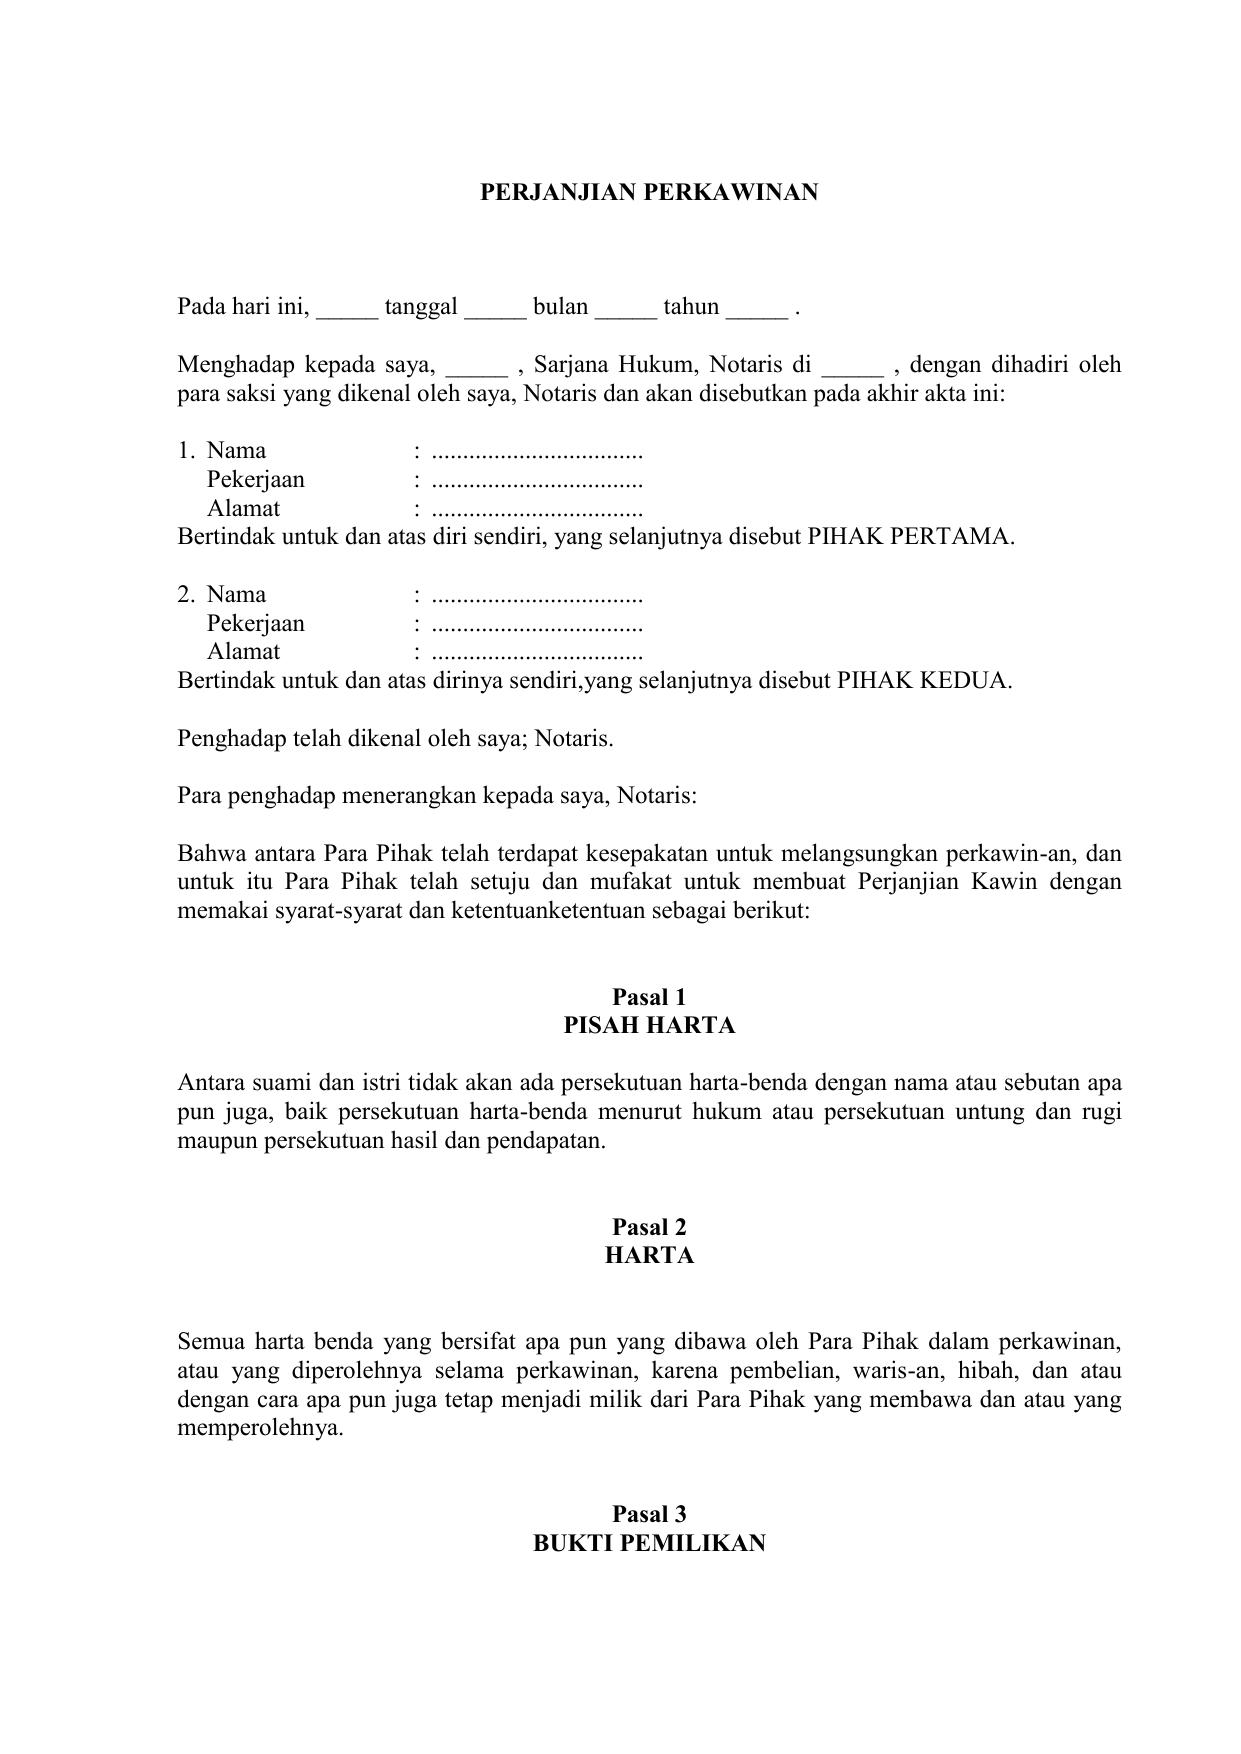 Contoh Surat Perjanjian Suami Istri - Mosaicone